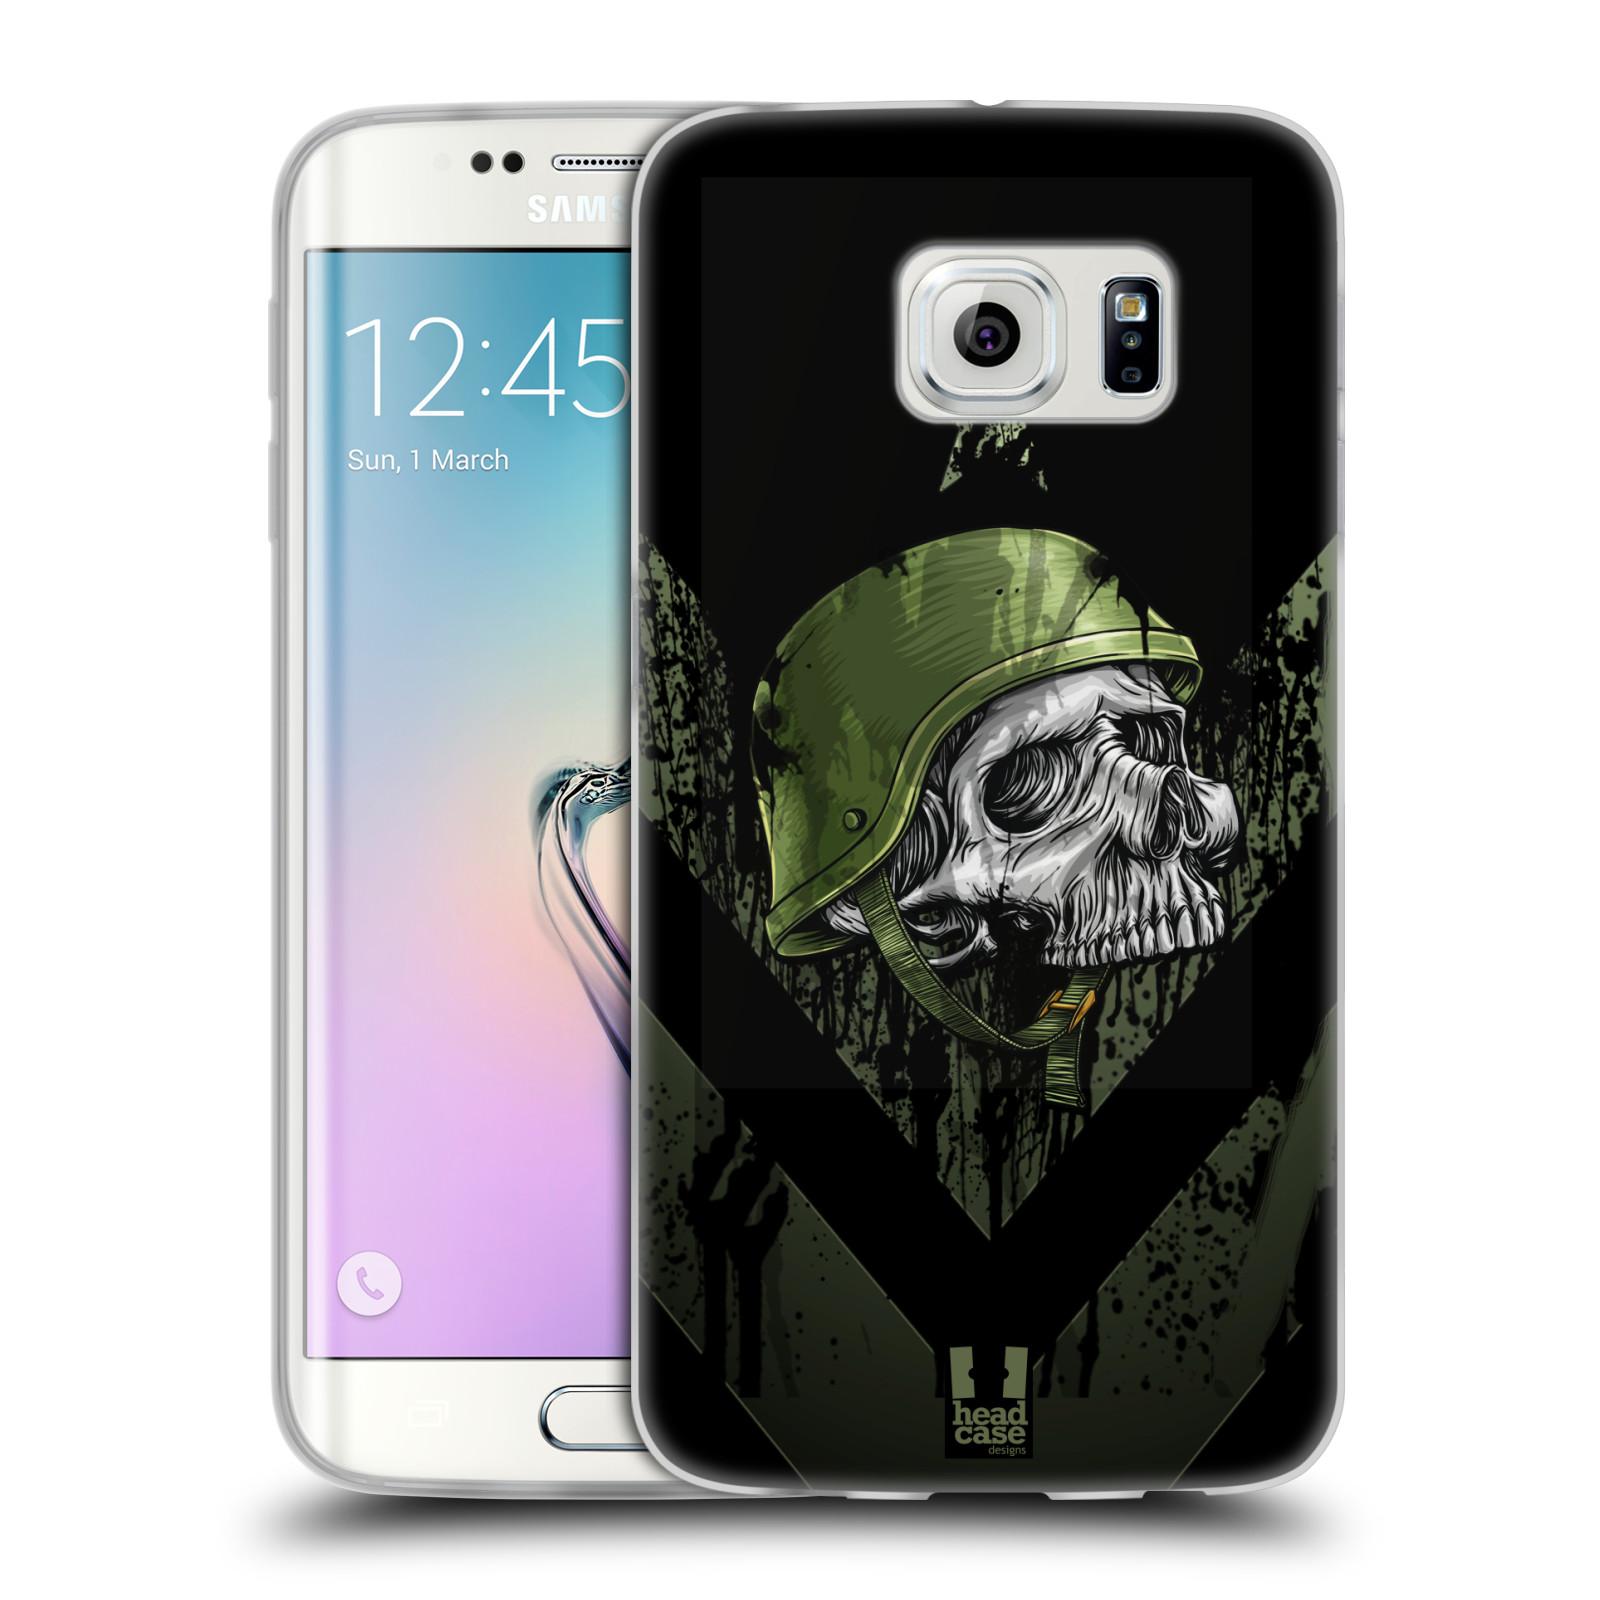 Silikonové pouzdro na mobil Samsung Galaxy S6 Edge HEAD CASE LEBKA ONE MAN (Silikonový kryt či obal na mobilní telefon Samsung Galaxy S6 Edge SM-G925F)